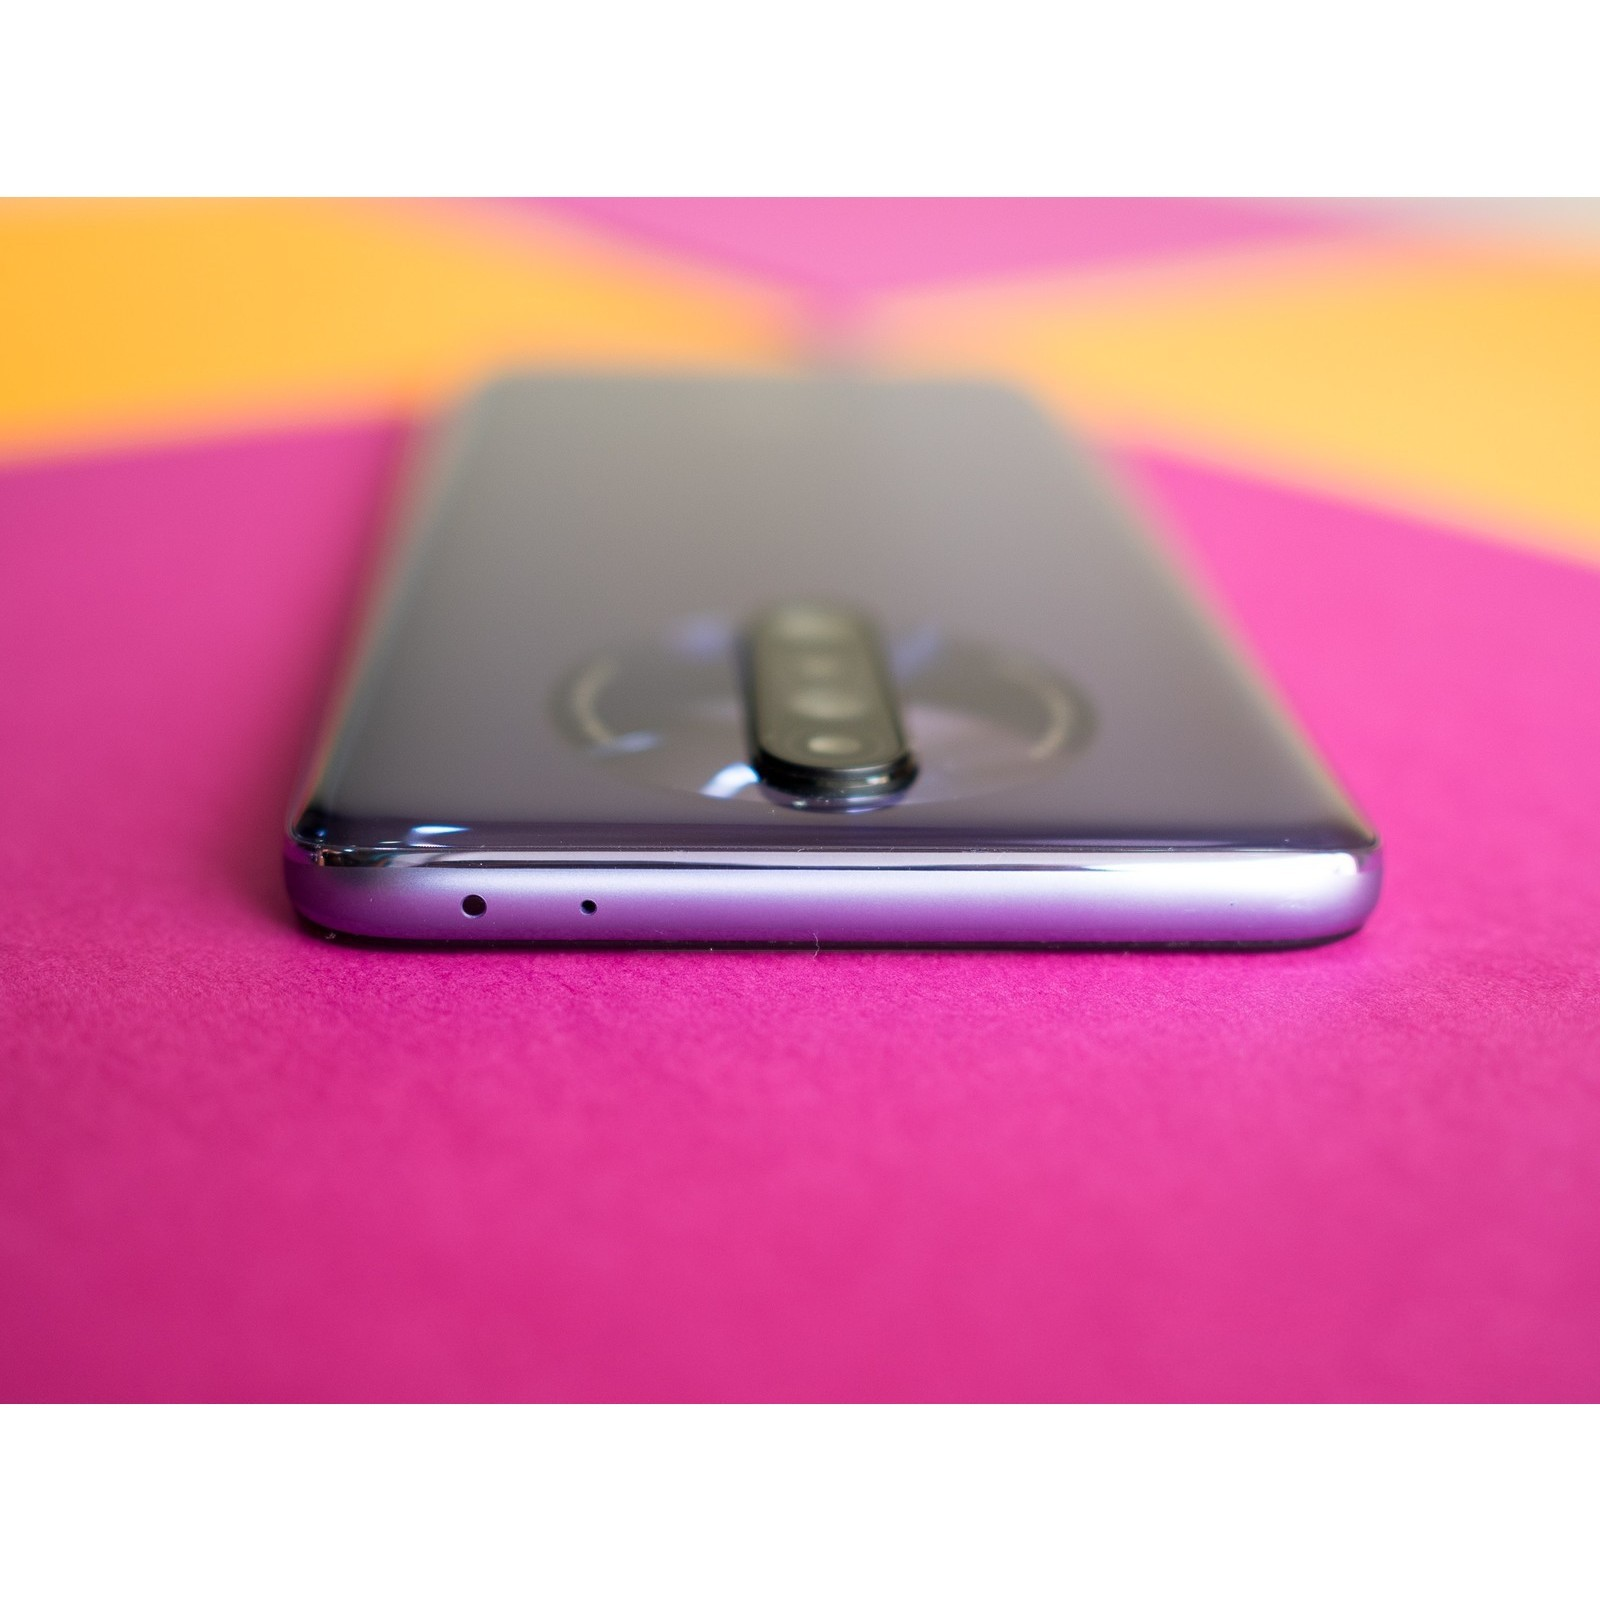 Обзор смартфона xiaomi poco x3 nfc: расширение экспансии / смартфоны